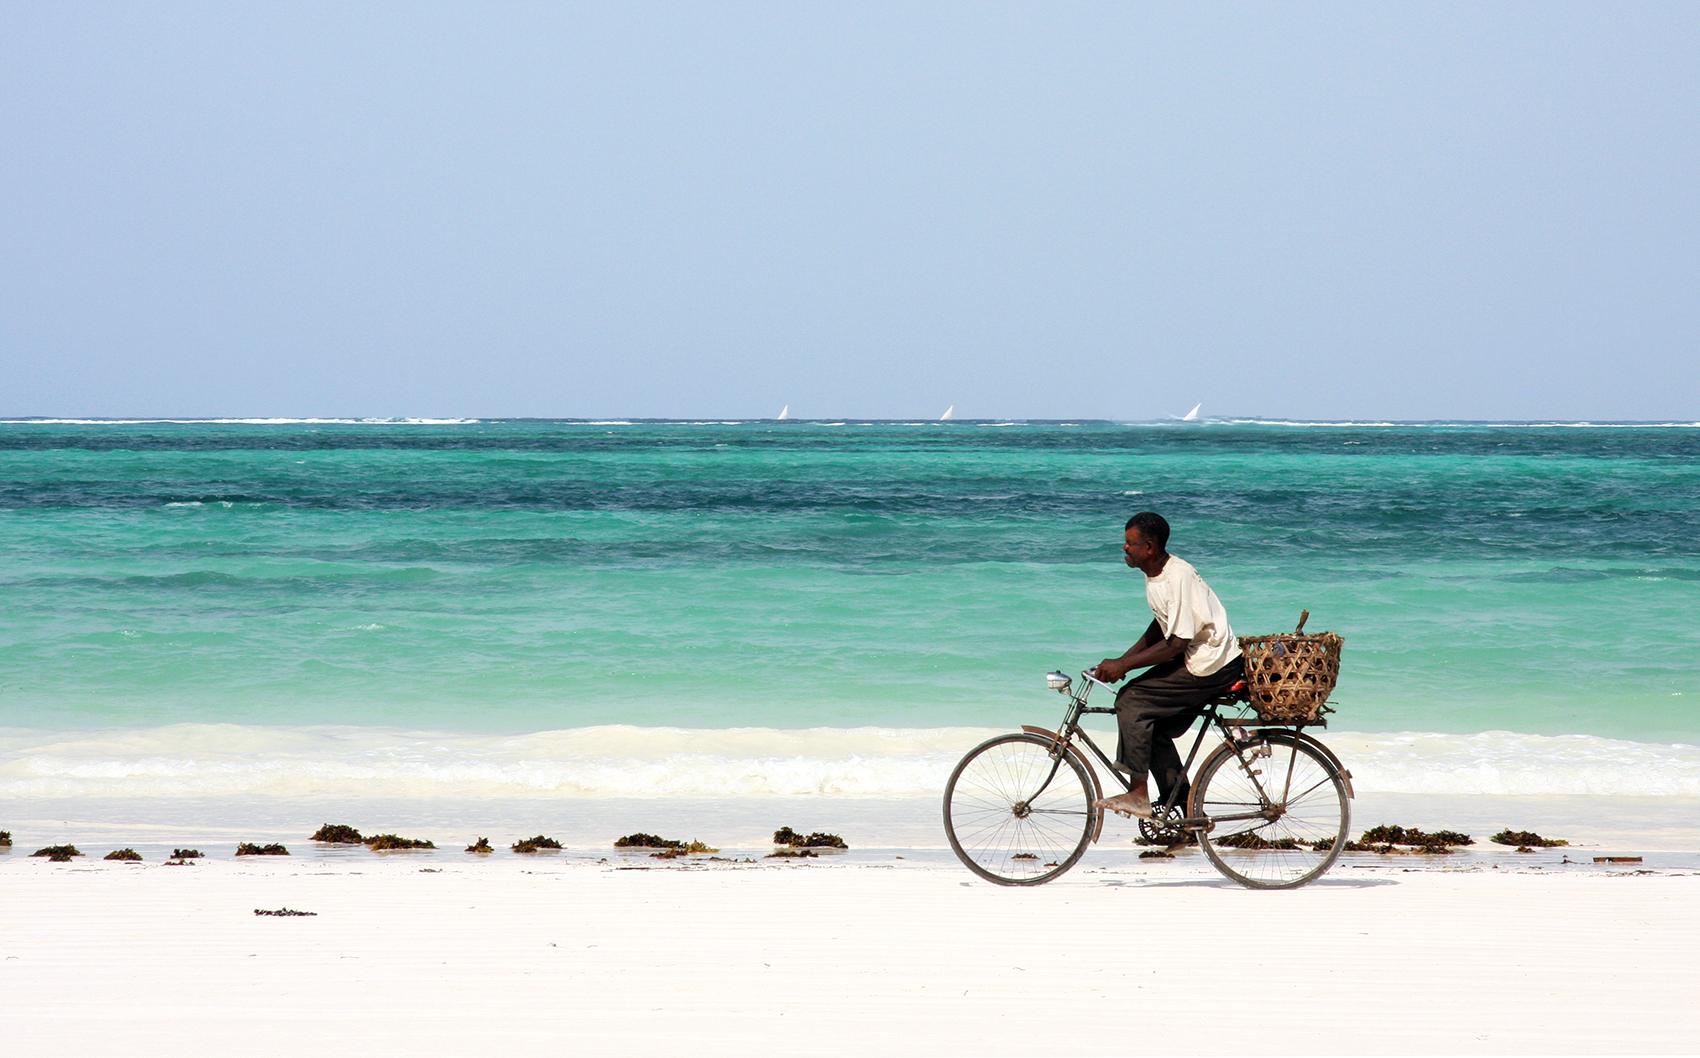 misure giuste Tanzania 209